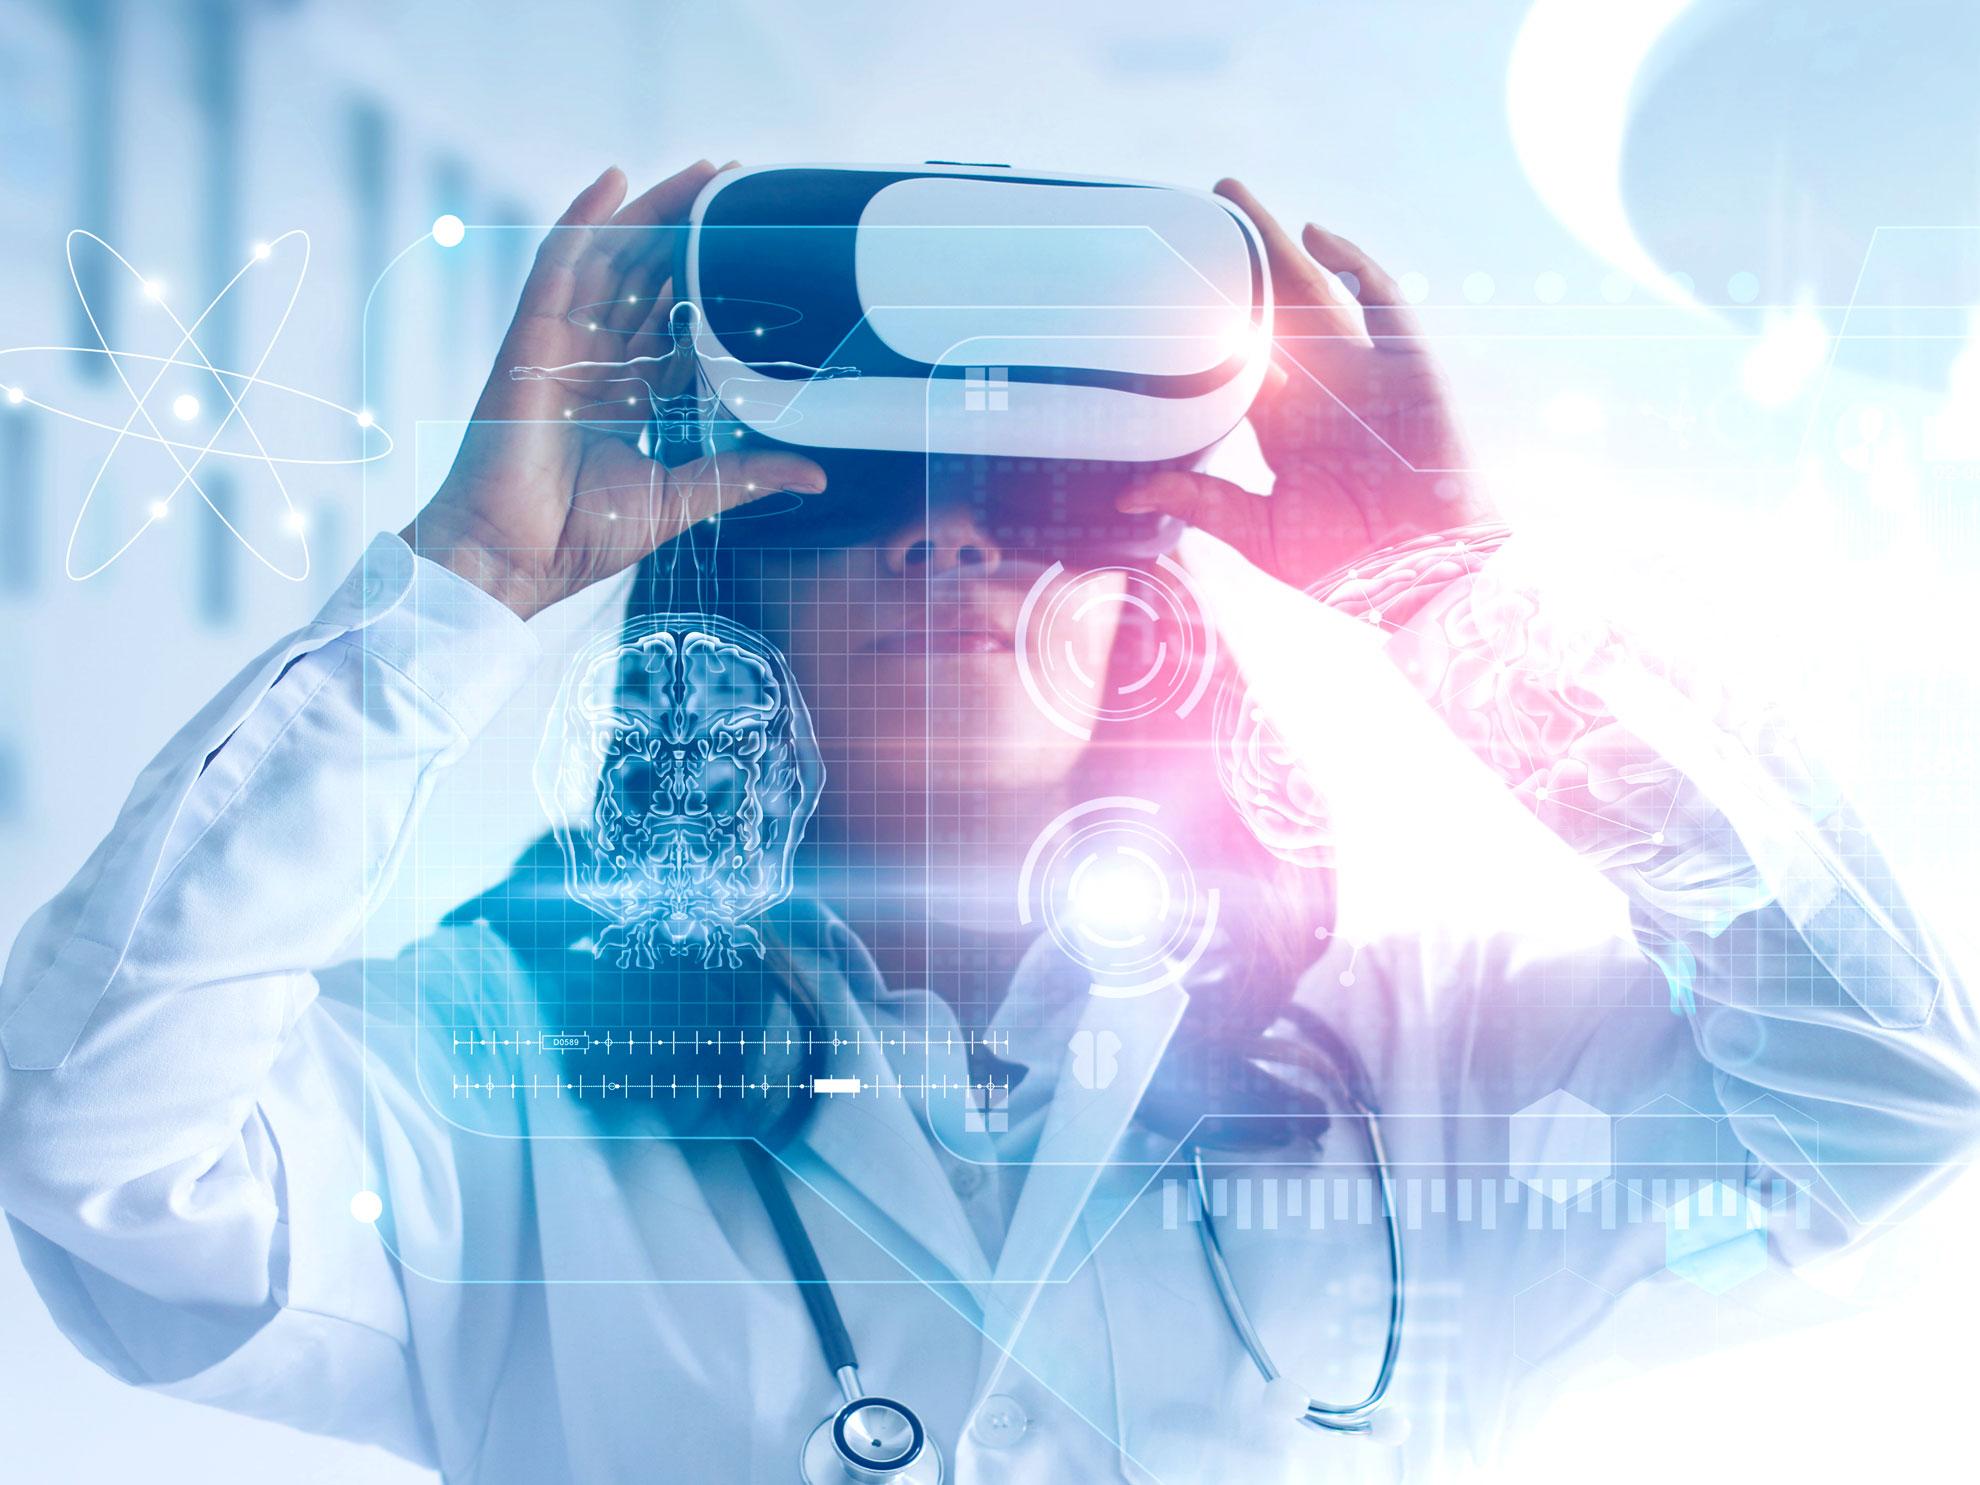 Applicazioni della realtà virtuale in sanità